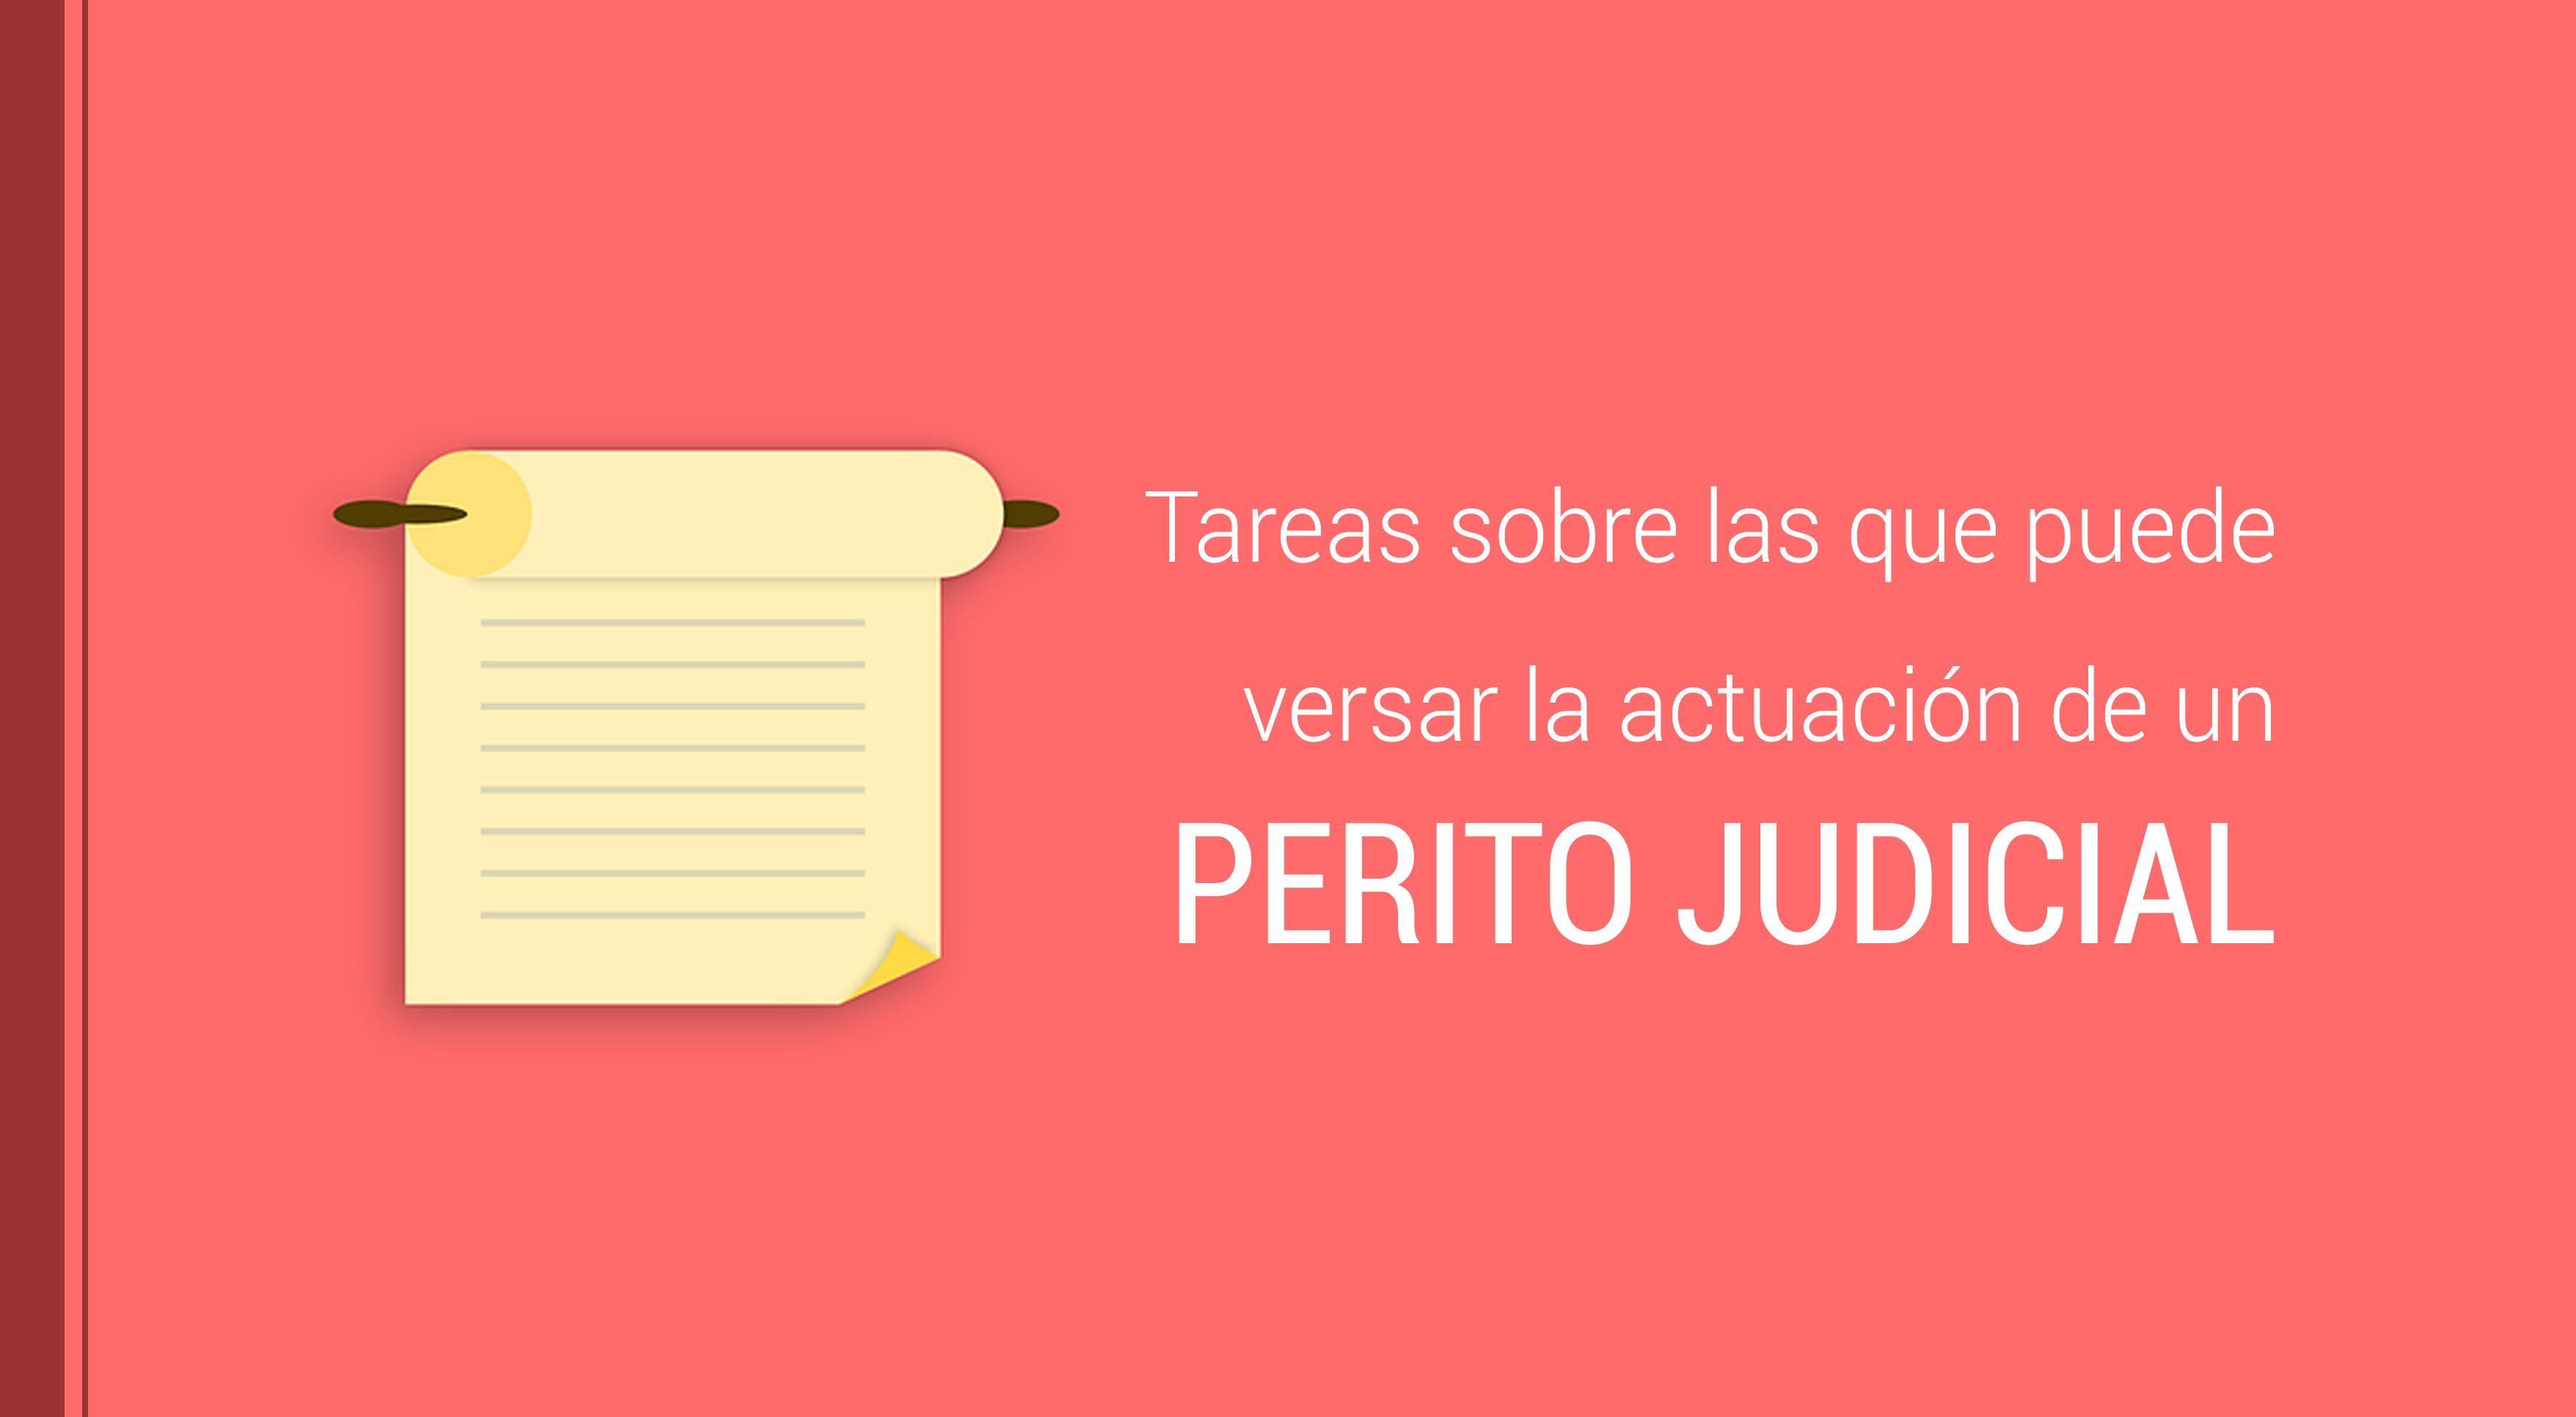 La temática sobre la que puede tratar un perito judicial puede abarcar multitud de disciplinas, en este post descubriremos el alcance de sus tareas.